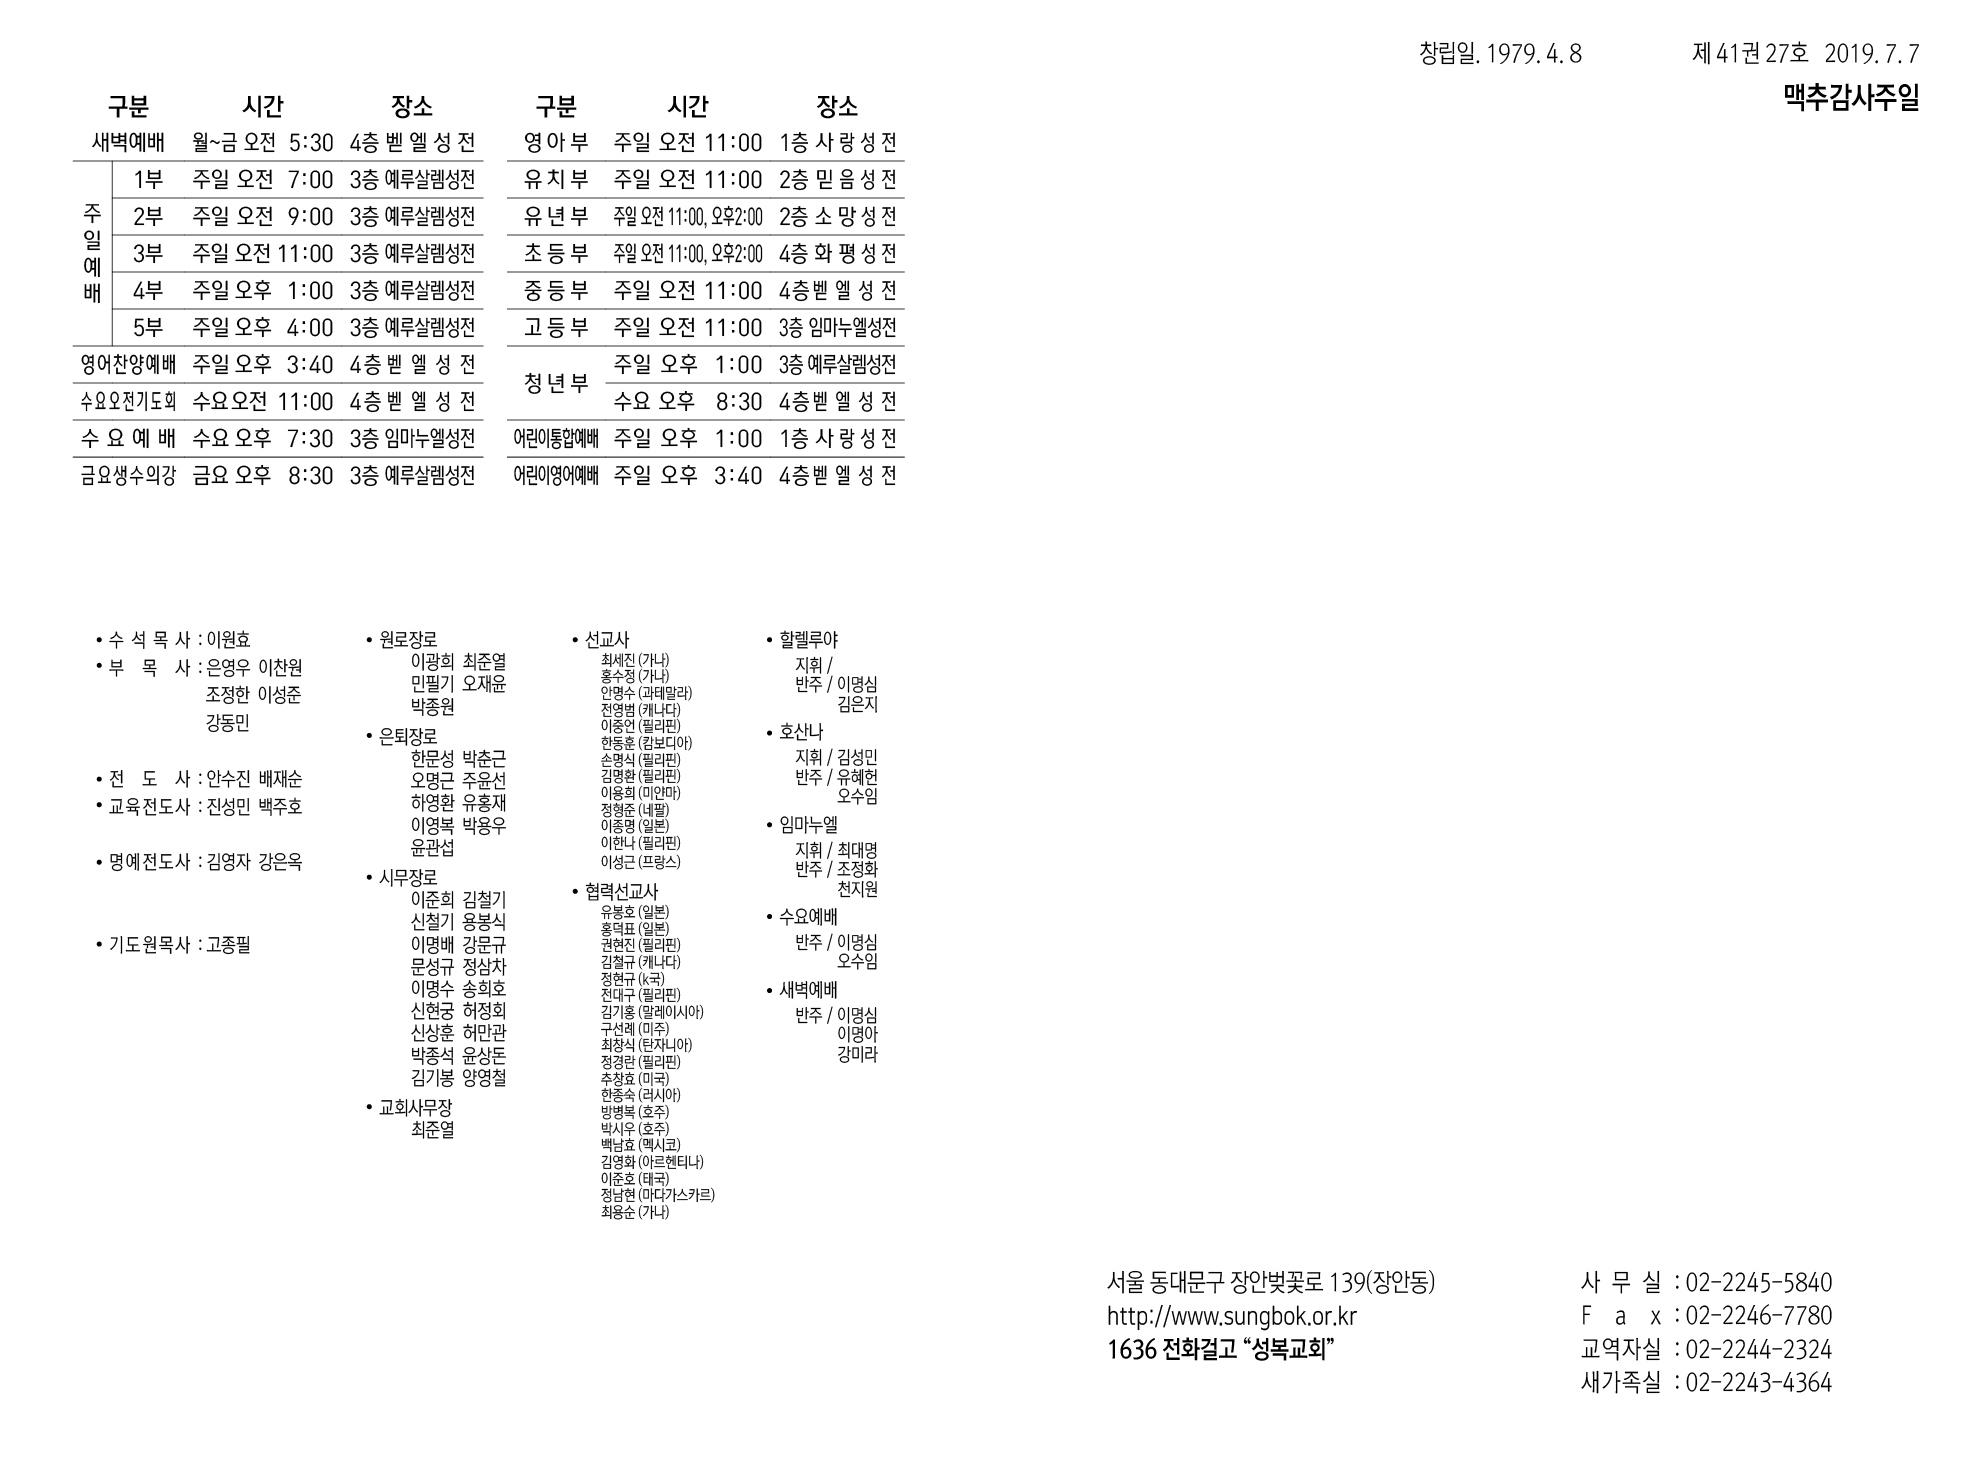 b130c3d22994712b040dbb4bd5ce5ee9.jpg